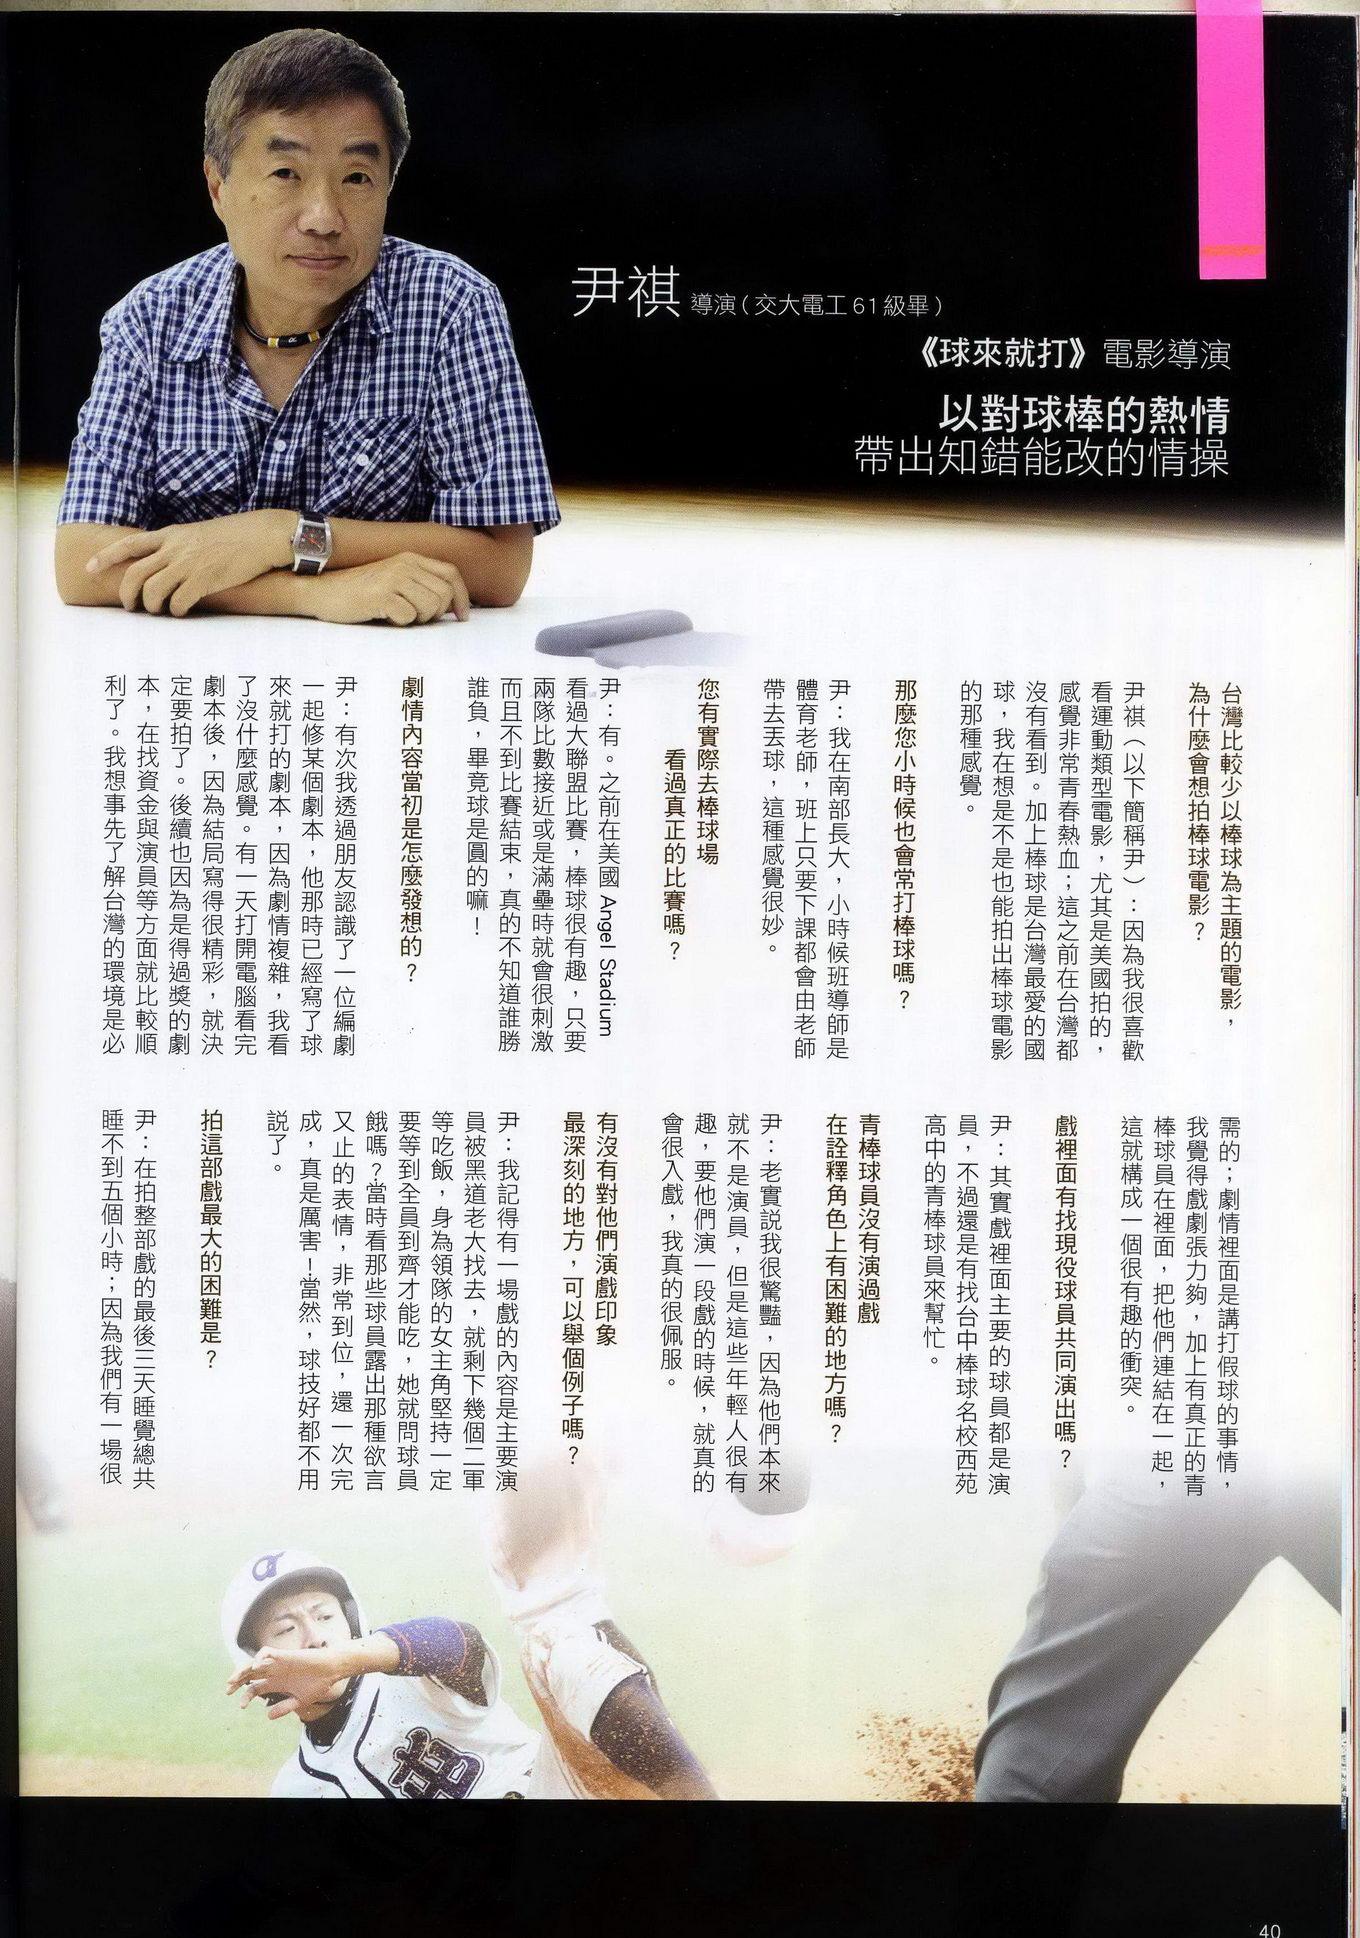 交大友聲453期2012年8月出版 P40 球來就打導演尹祺-2-s.jpg